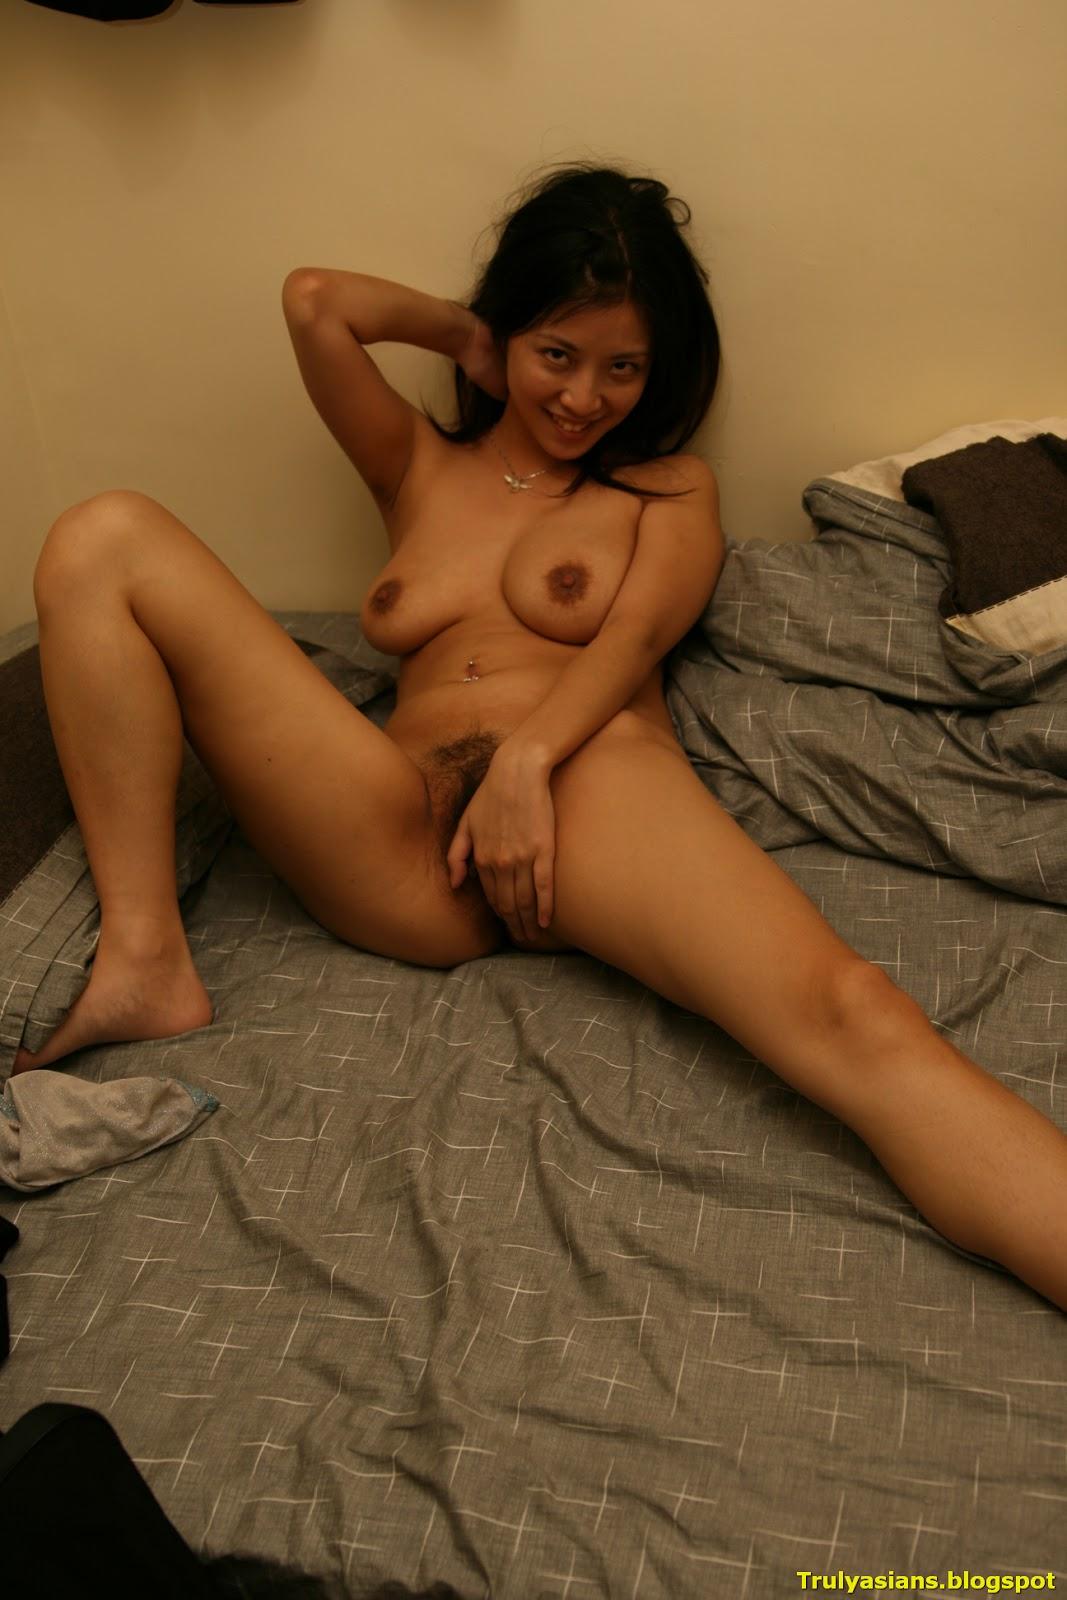 Heben Finde mich einige junge chinesische nackte Mädchen, die Sex haben Hautanusbilder Suchmaschinen